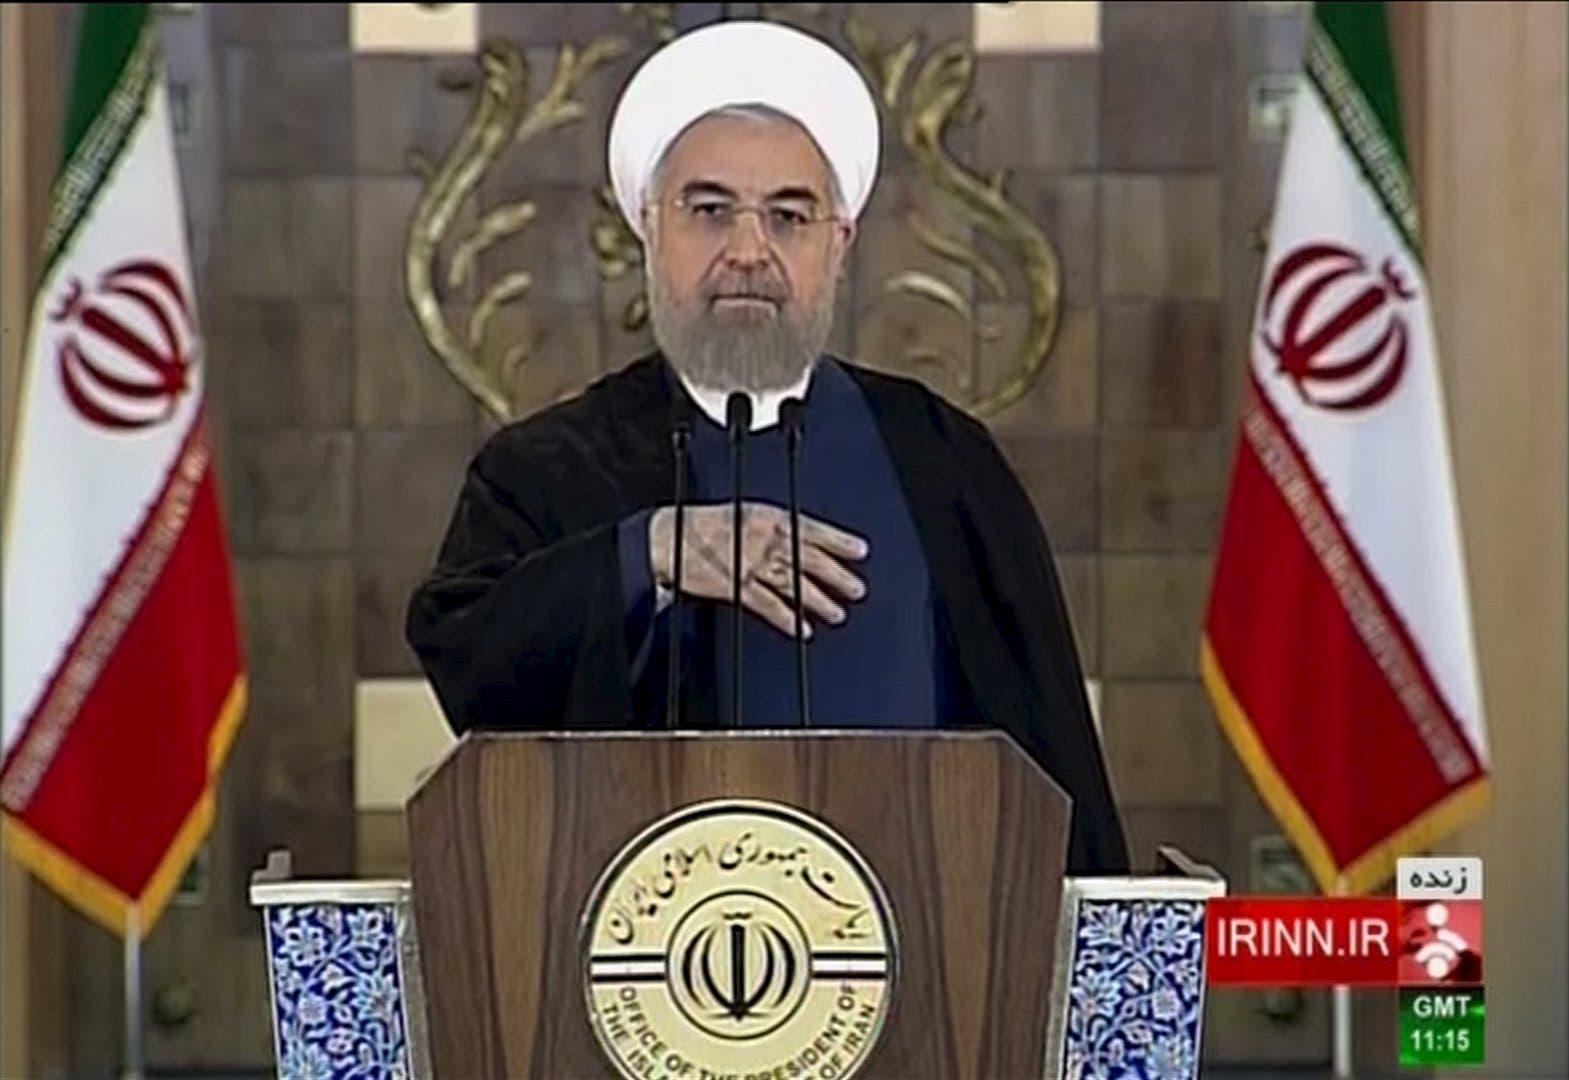 أهم نقاط الاتفاق النووي من وجهة نظر إيرانية Dc734d2c-3521-442e-af30-c4f67f025f54